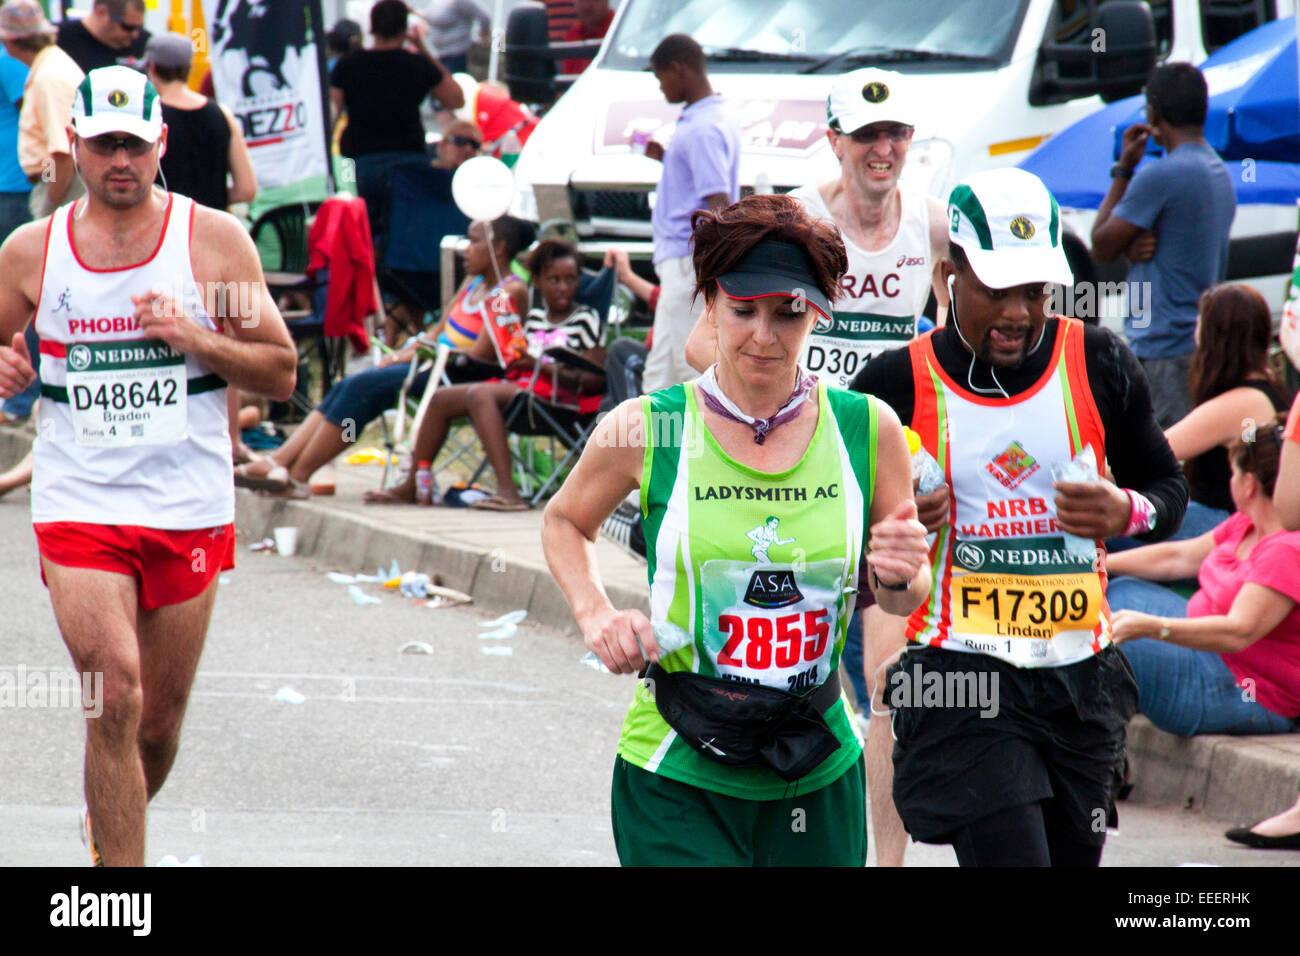 Spectateurs et coureurs participant à la longue distance camarades Marathon entre Pietermaritzburg et Durban Photo Stock